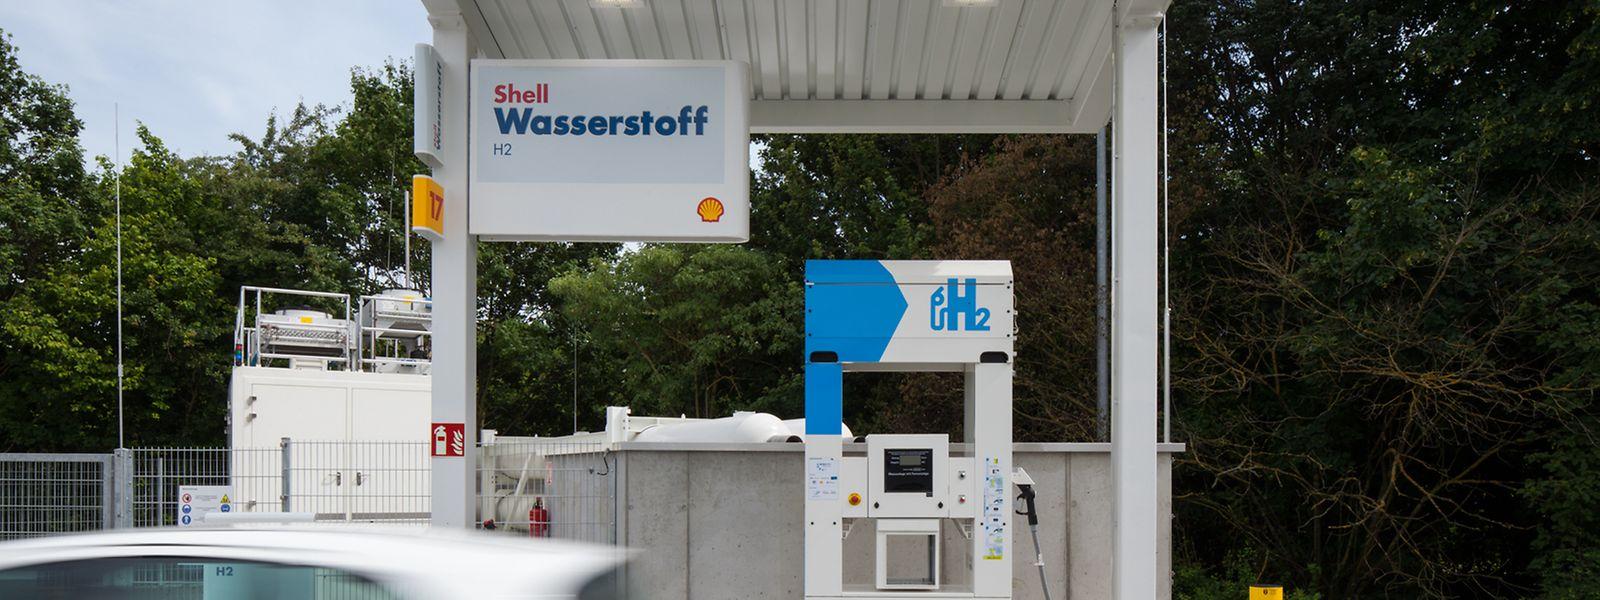 Den Einsatz von Wasserstoff im privaten Verkehr schließt der Mouvement Ecologique gänzlich aus.